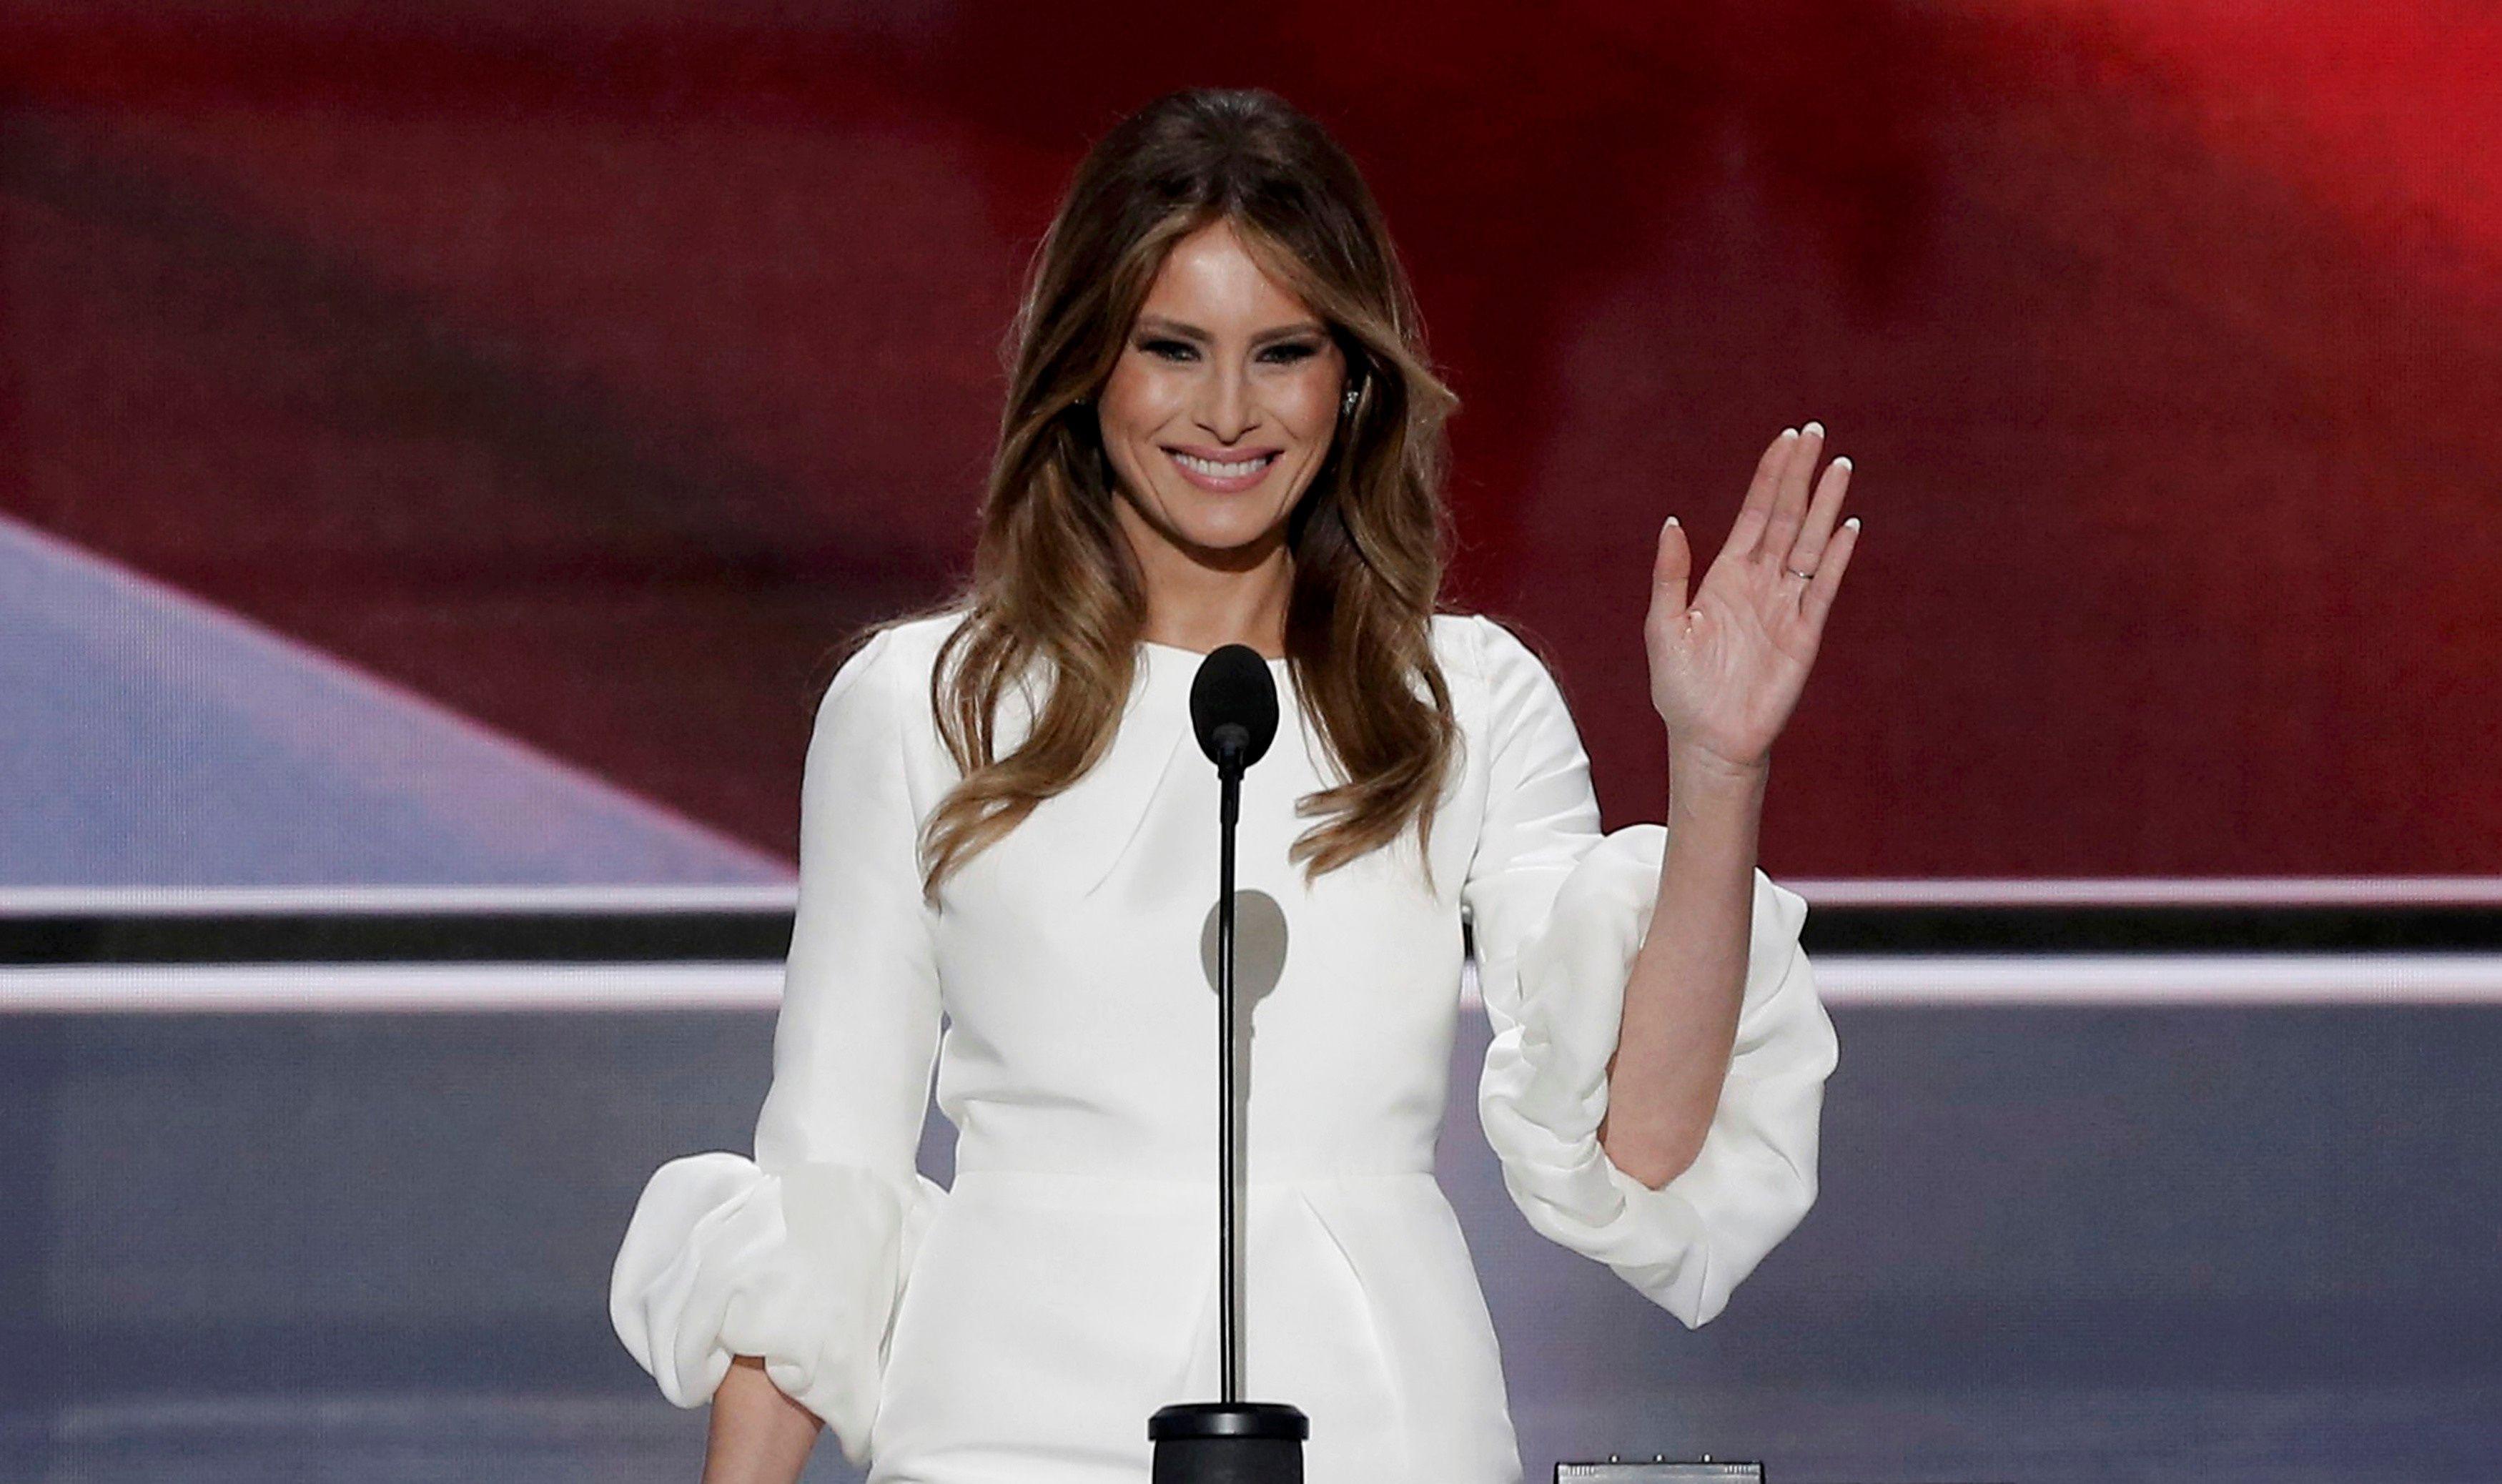 Etats-Unis : un journal américain publie des photos de Melania Trump nue